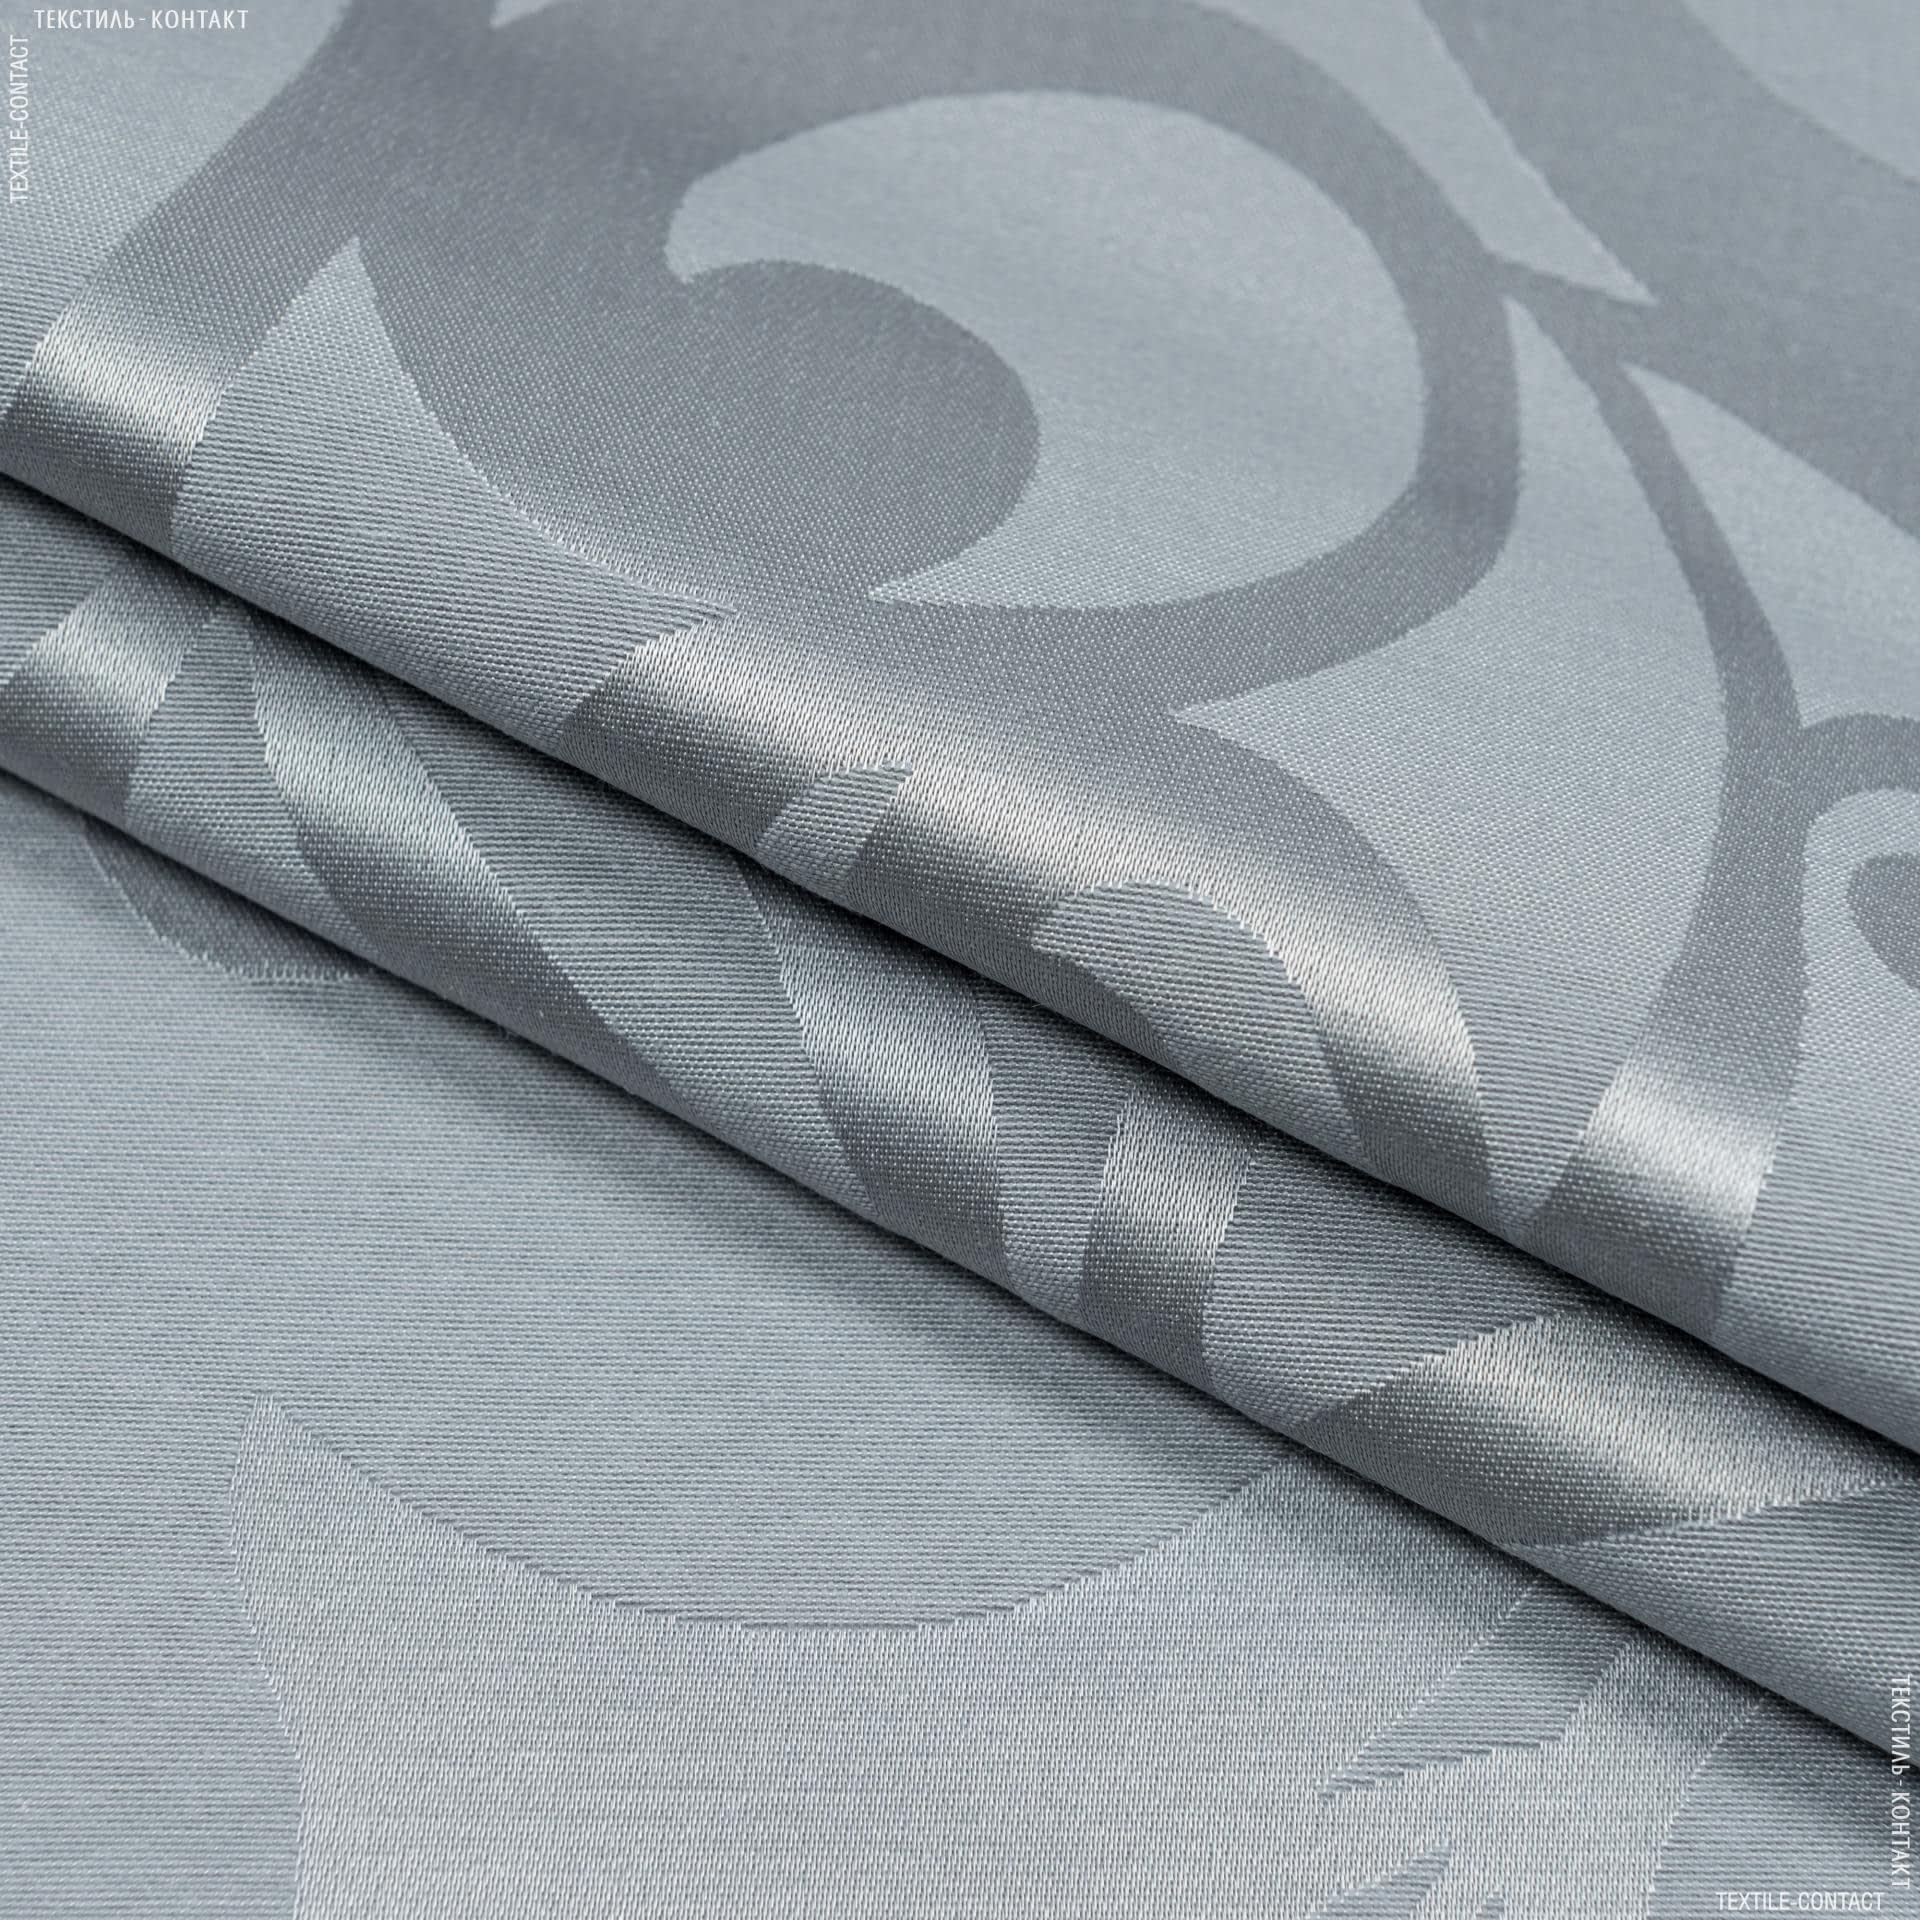 Ткани для скатертей - Ткань с акриловой пропиткой ресинадо/resinado  /серый